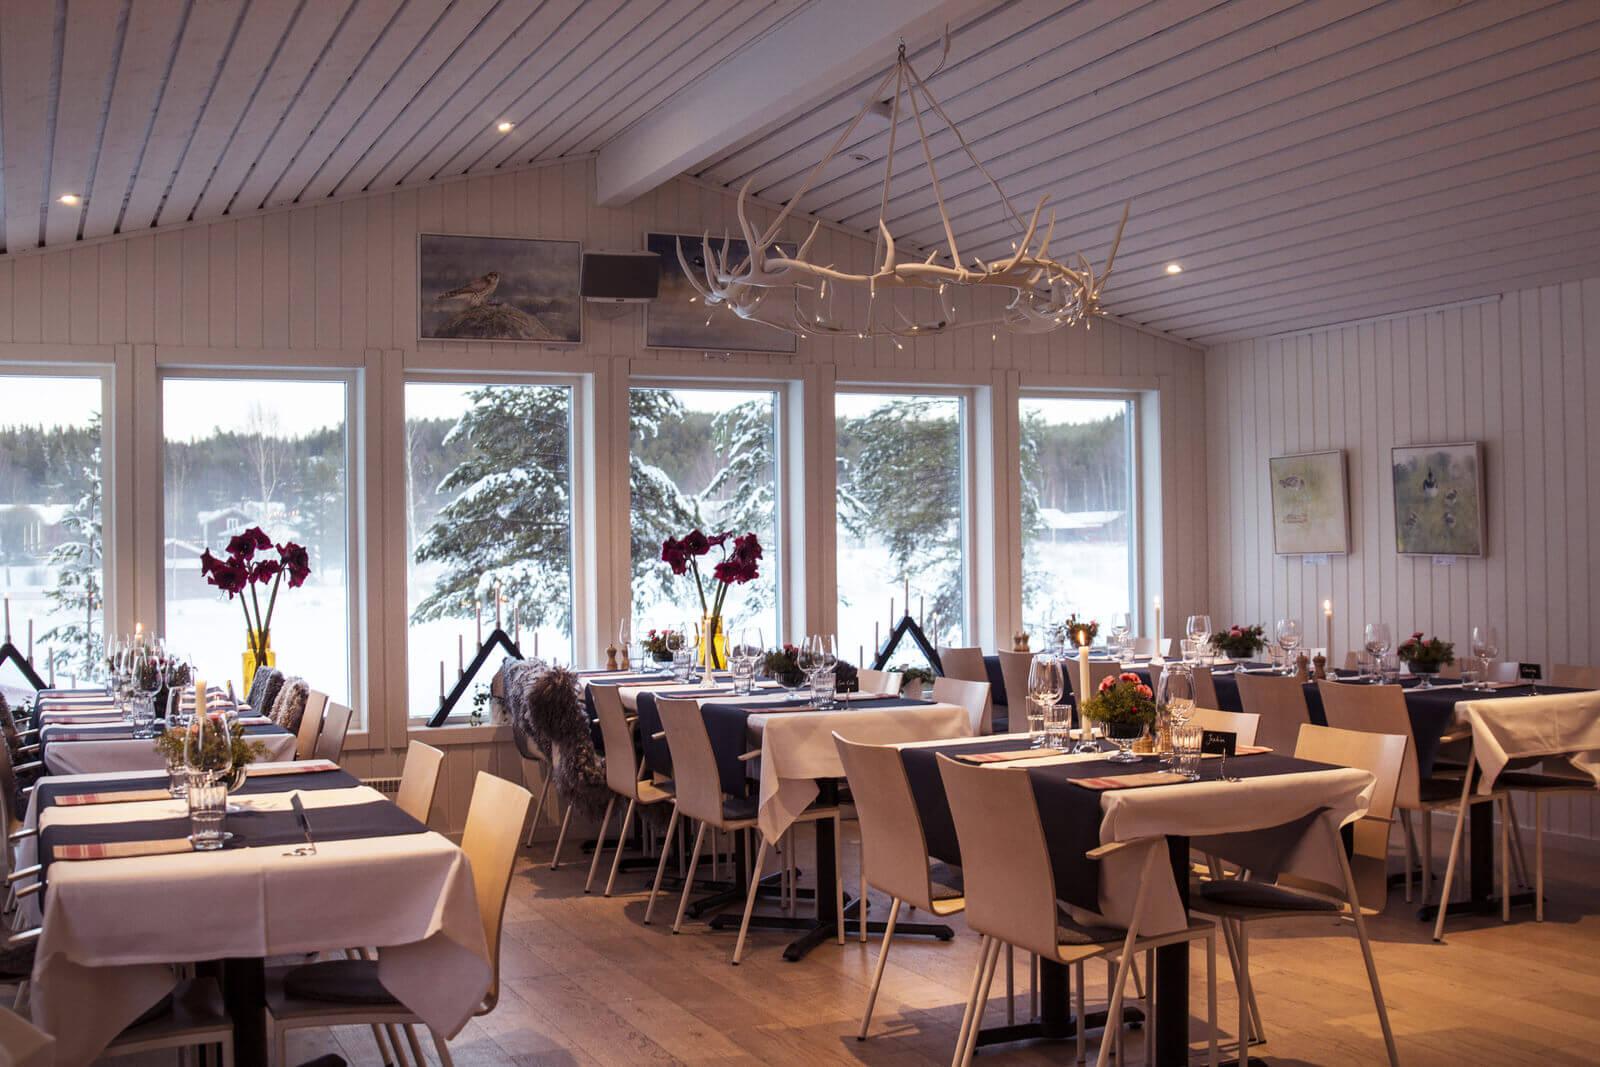 Restaurant Weihnachtsessen.Granö Beckasin Julbord Granö Beckasin